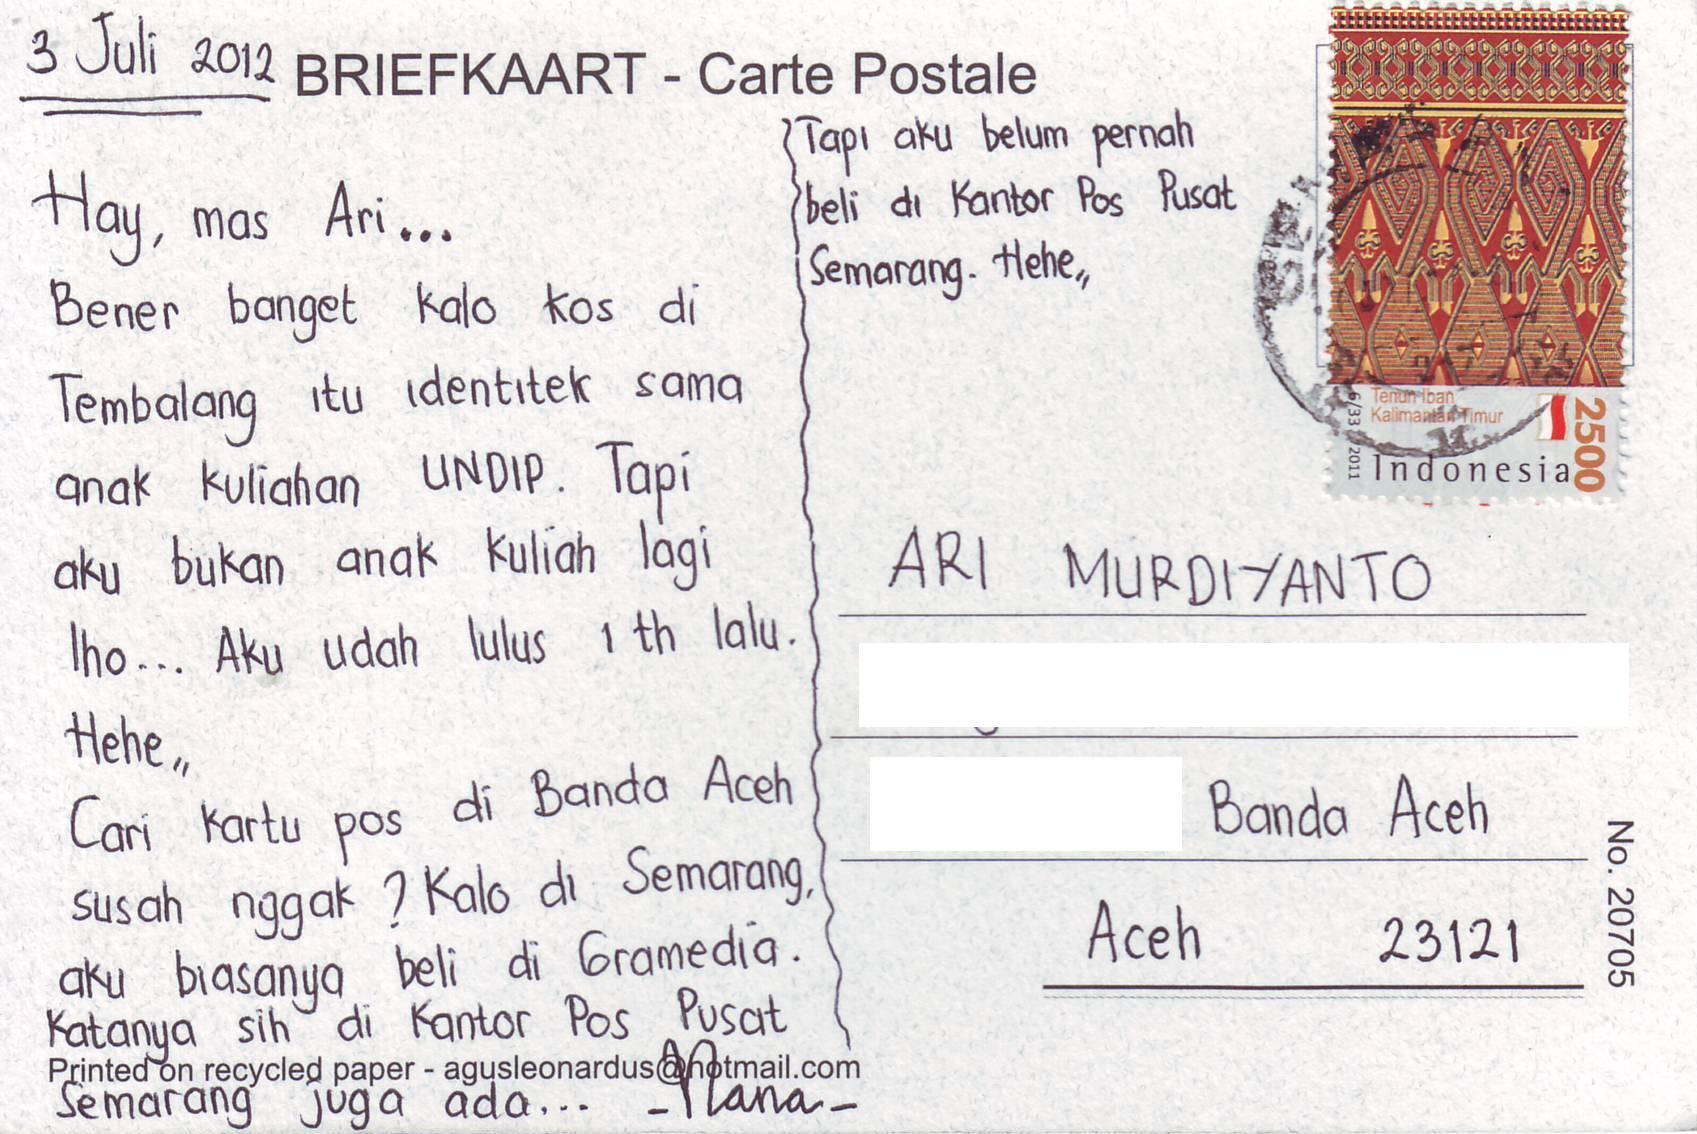 Contoh Postcard Tentang Liburan Dalam Bahasa Inggris Dan Artinya Barisan Contoh